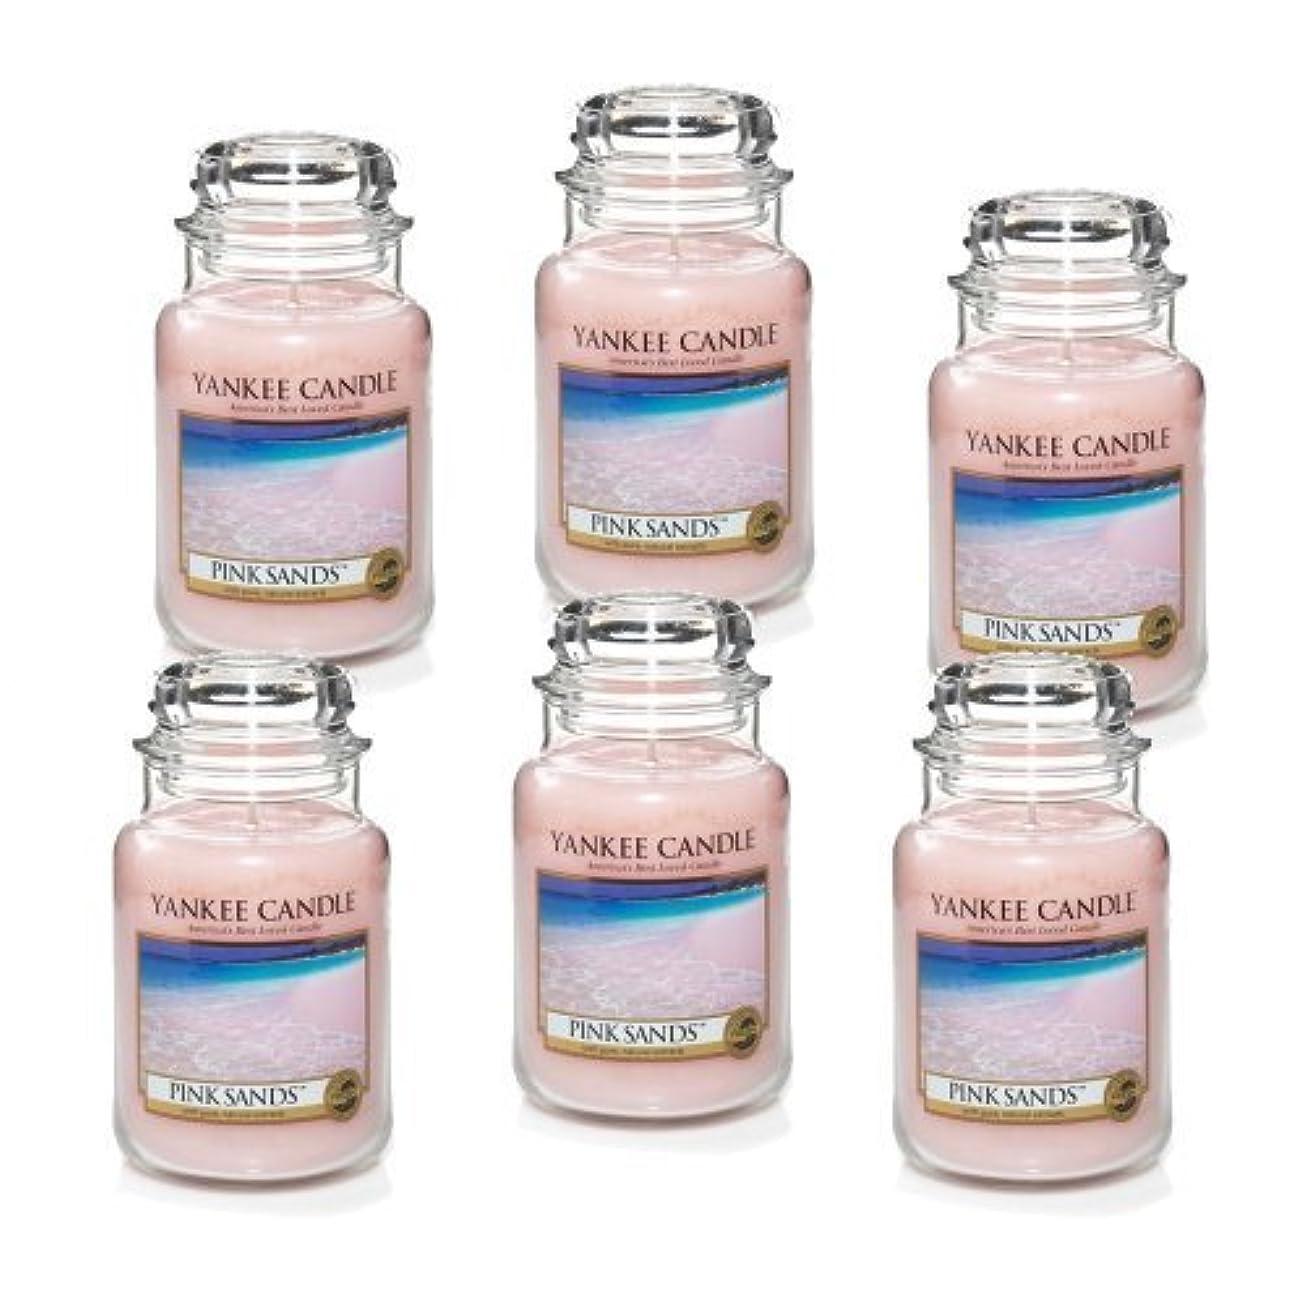 タービン前任者ボートYankee Candle Company 22-Ounce Pink Sands Jar Candle, Large, Set of 6 by Amazon source [並行輸入品]